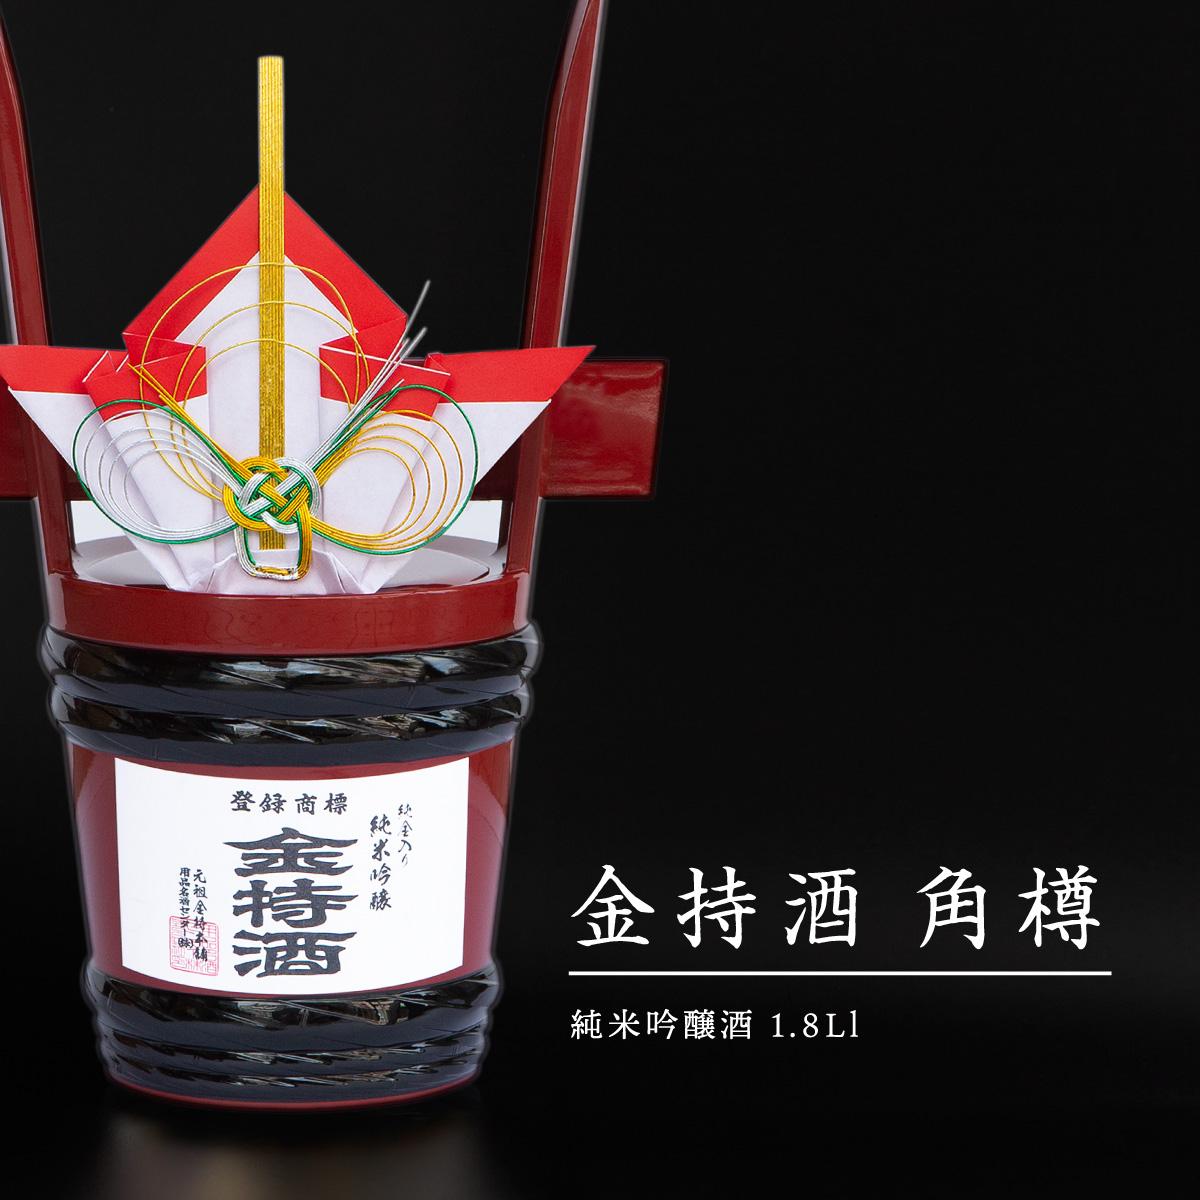 即納送料無料 日本酒 純米吟醸 純金箔入り 金持酒 角樽 つのだる 1.8L 純金箔入りの日本酒 トラスト